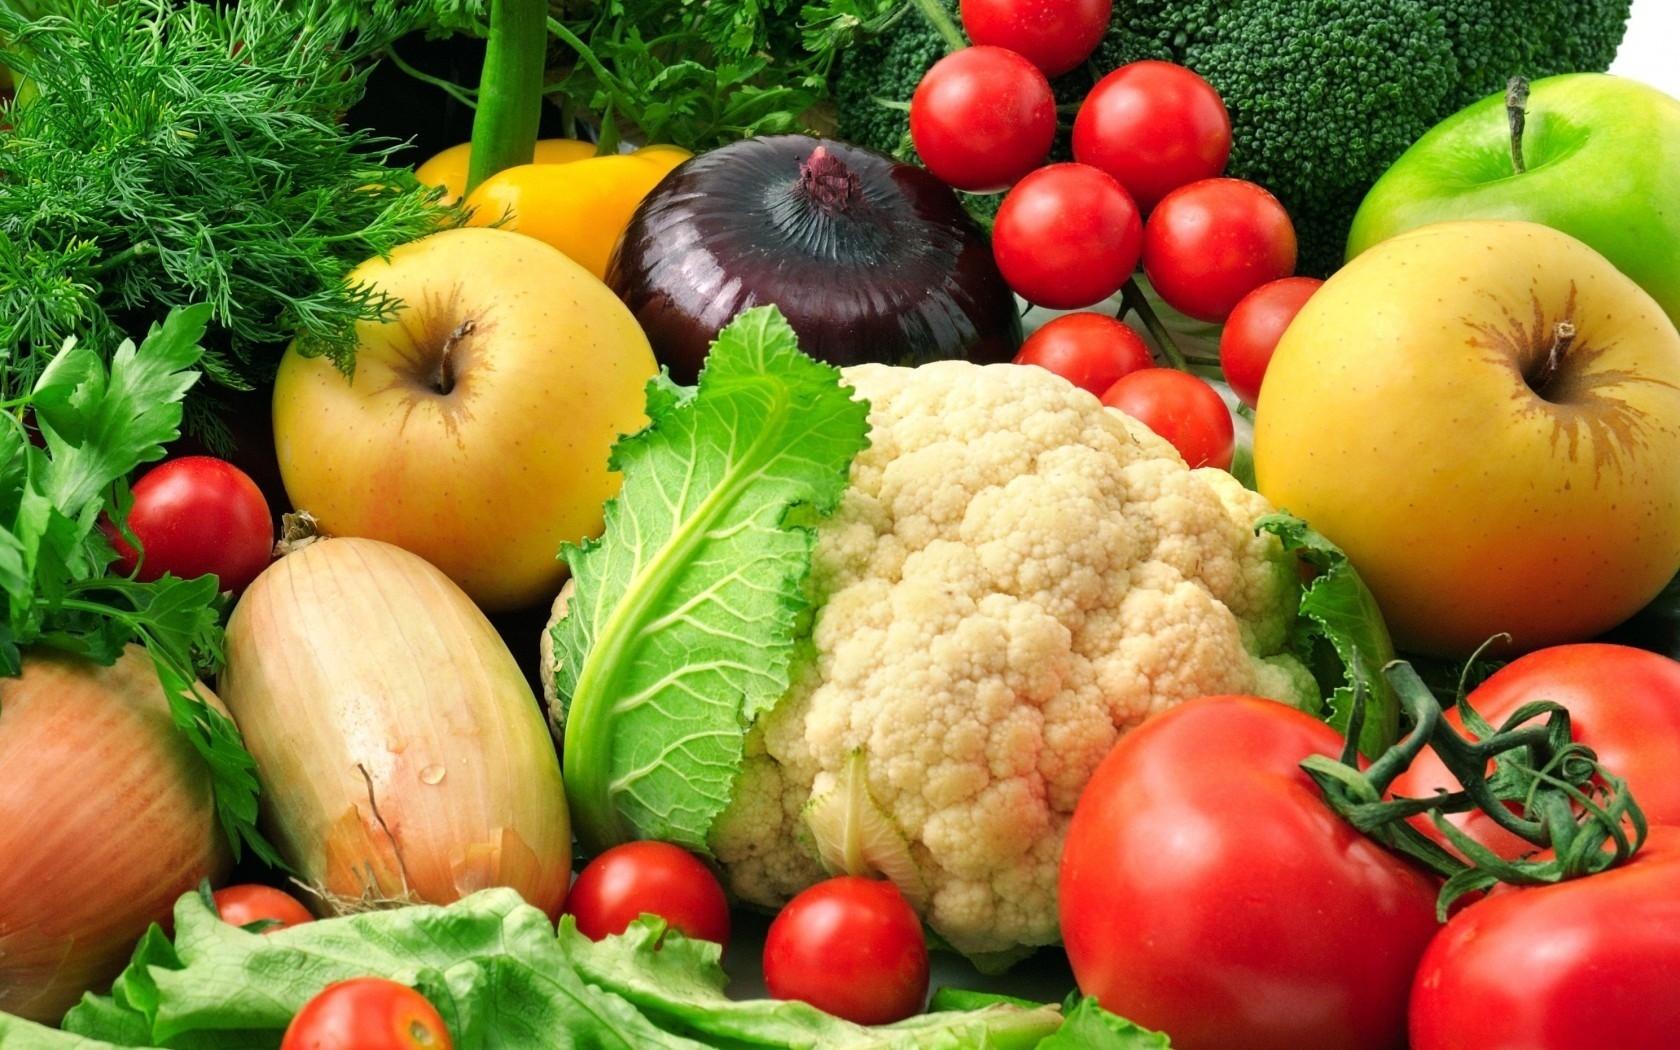 В Москве появился новый сервис доставки фермерских продуктов